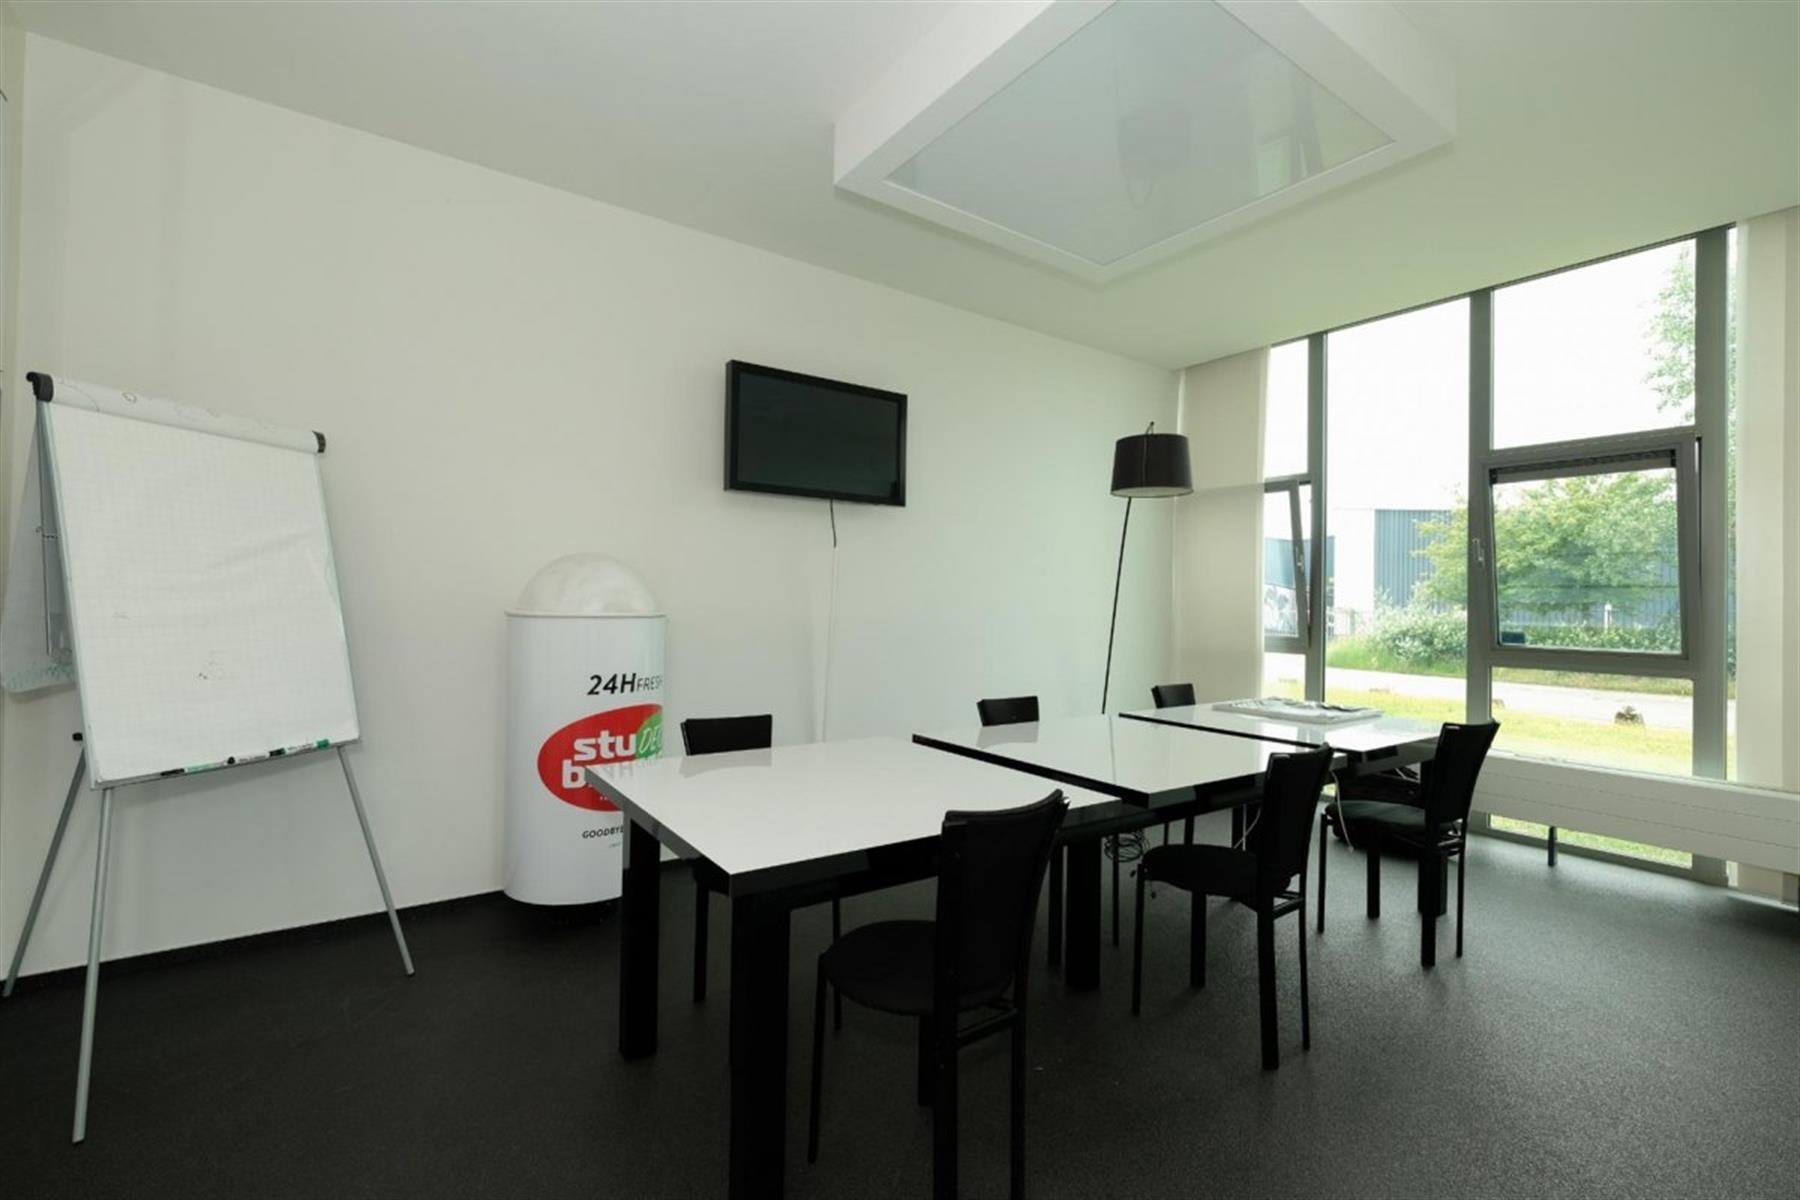 bedrijfsgebouw te koop I122 - Bedrijfsgebouw - Centrum-Zuid 3023 2, 3530 Houthalen-Helchteren, België 6